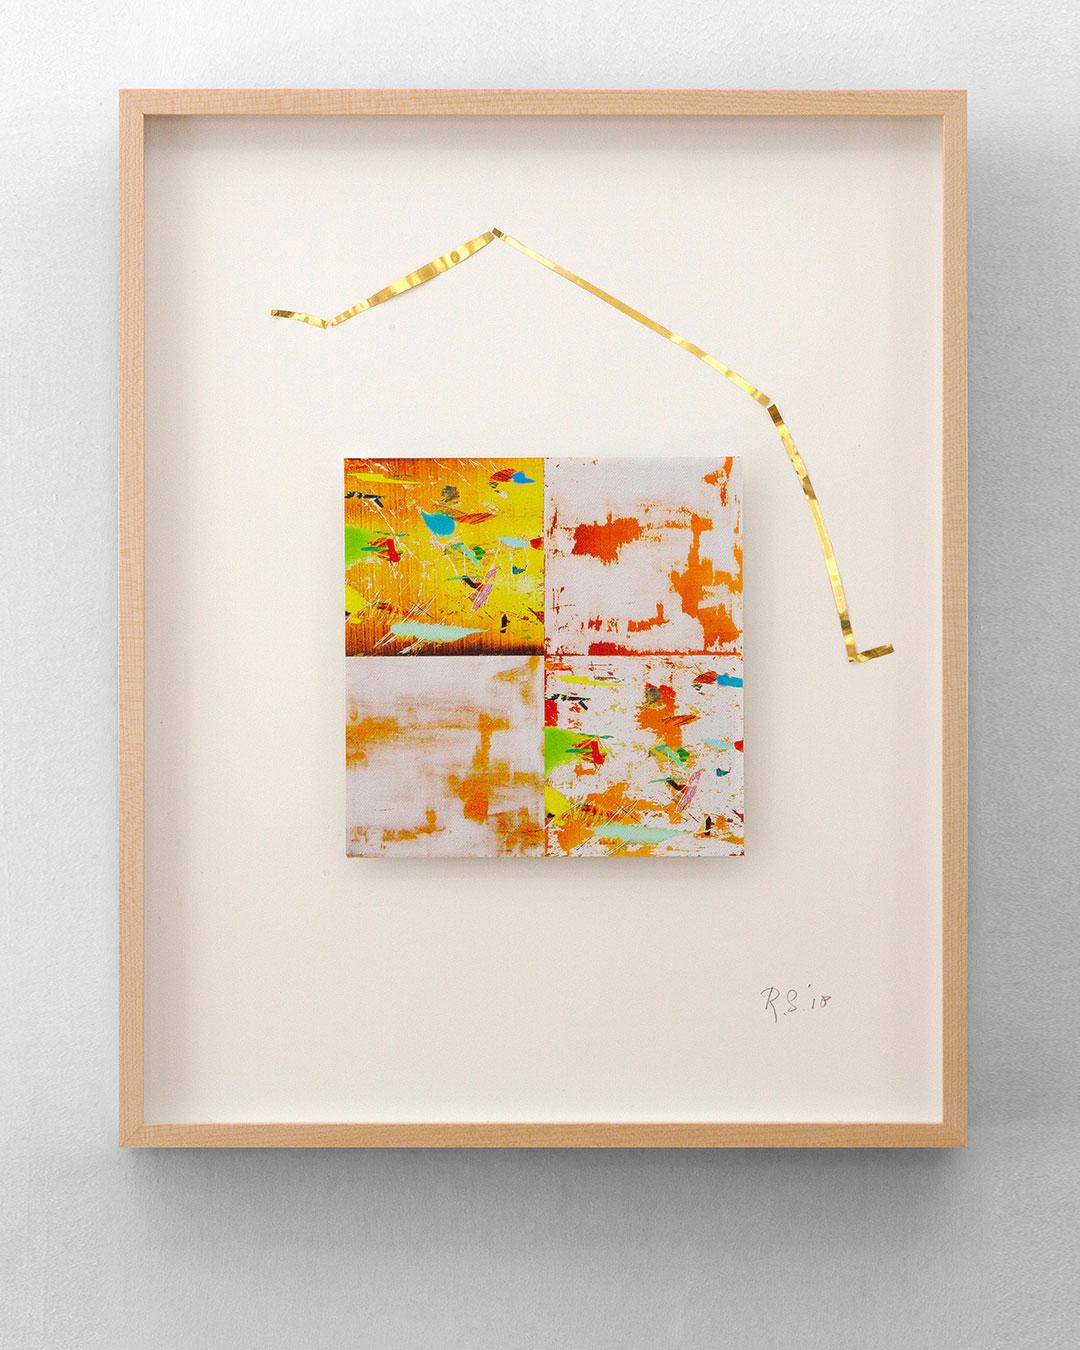 Robert Smit, Framed Sketch for Necklace, 2004-2018, sketch; gold, ink on canvas, 400 x 500 mm, €6000